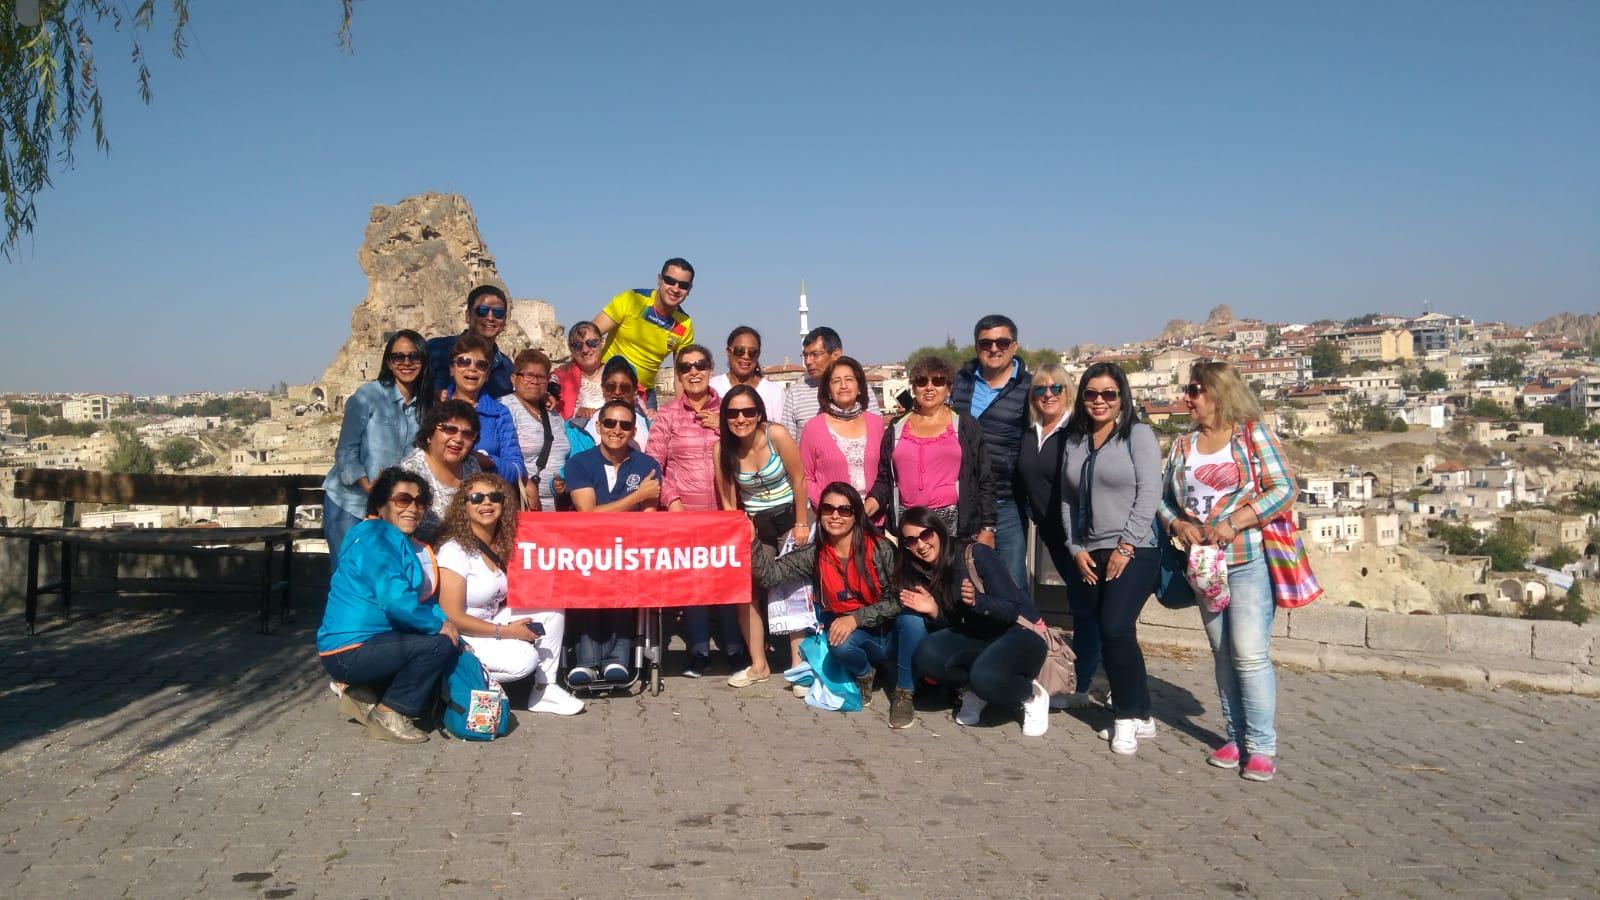 turquistanbul turquia tours